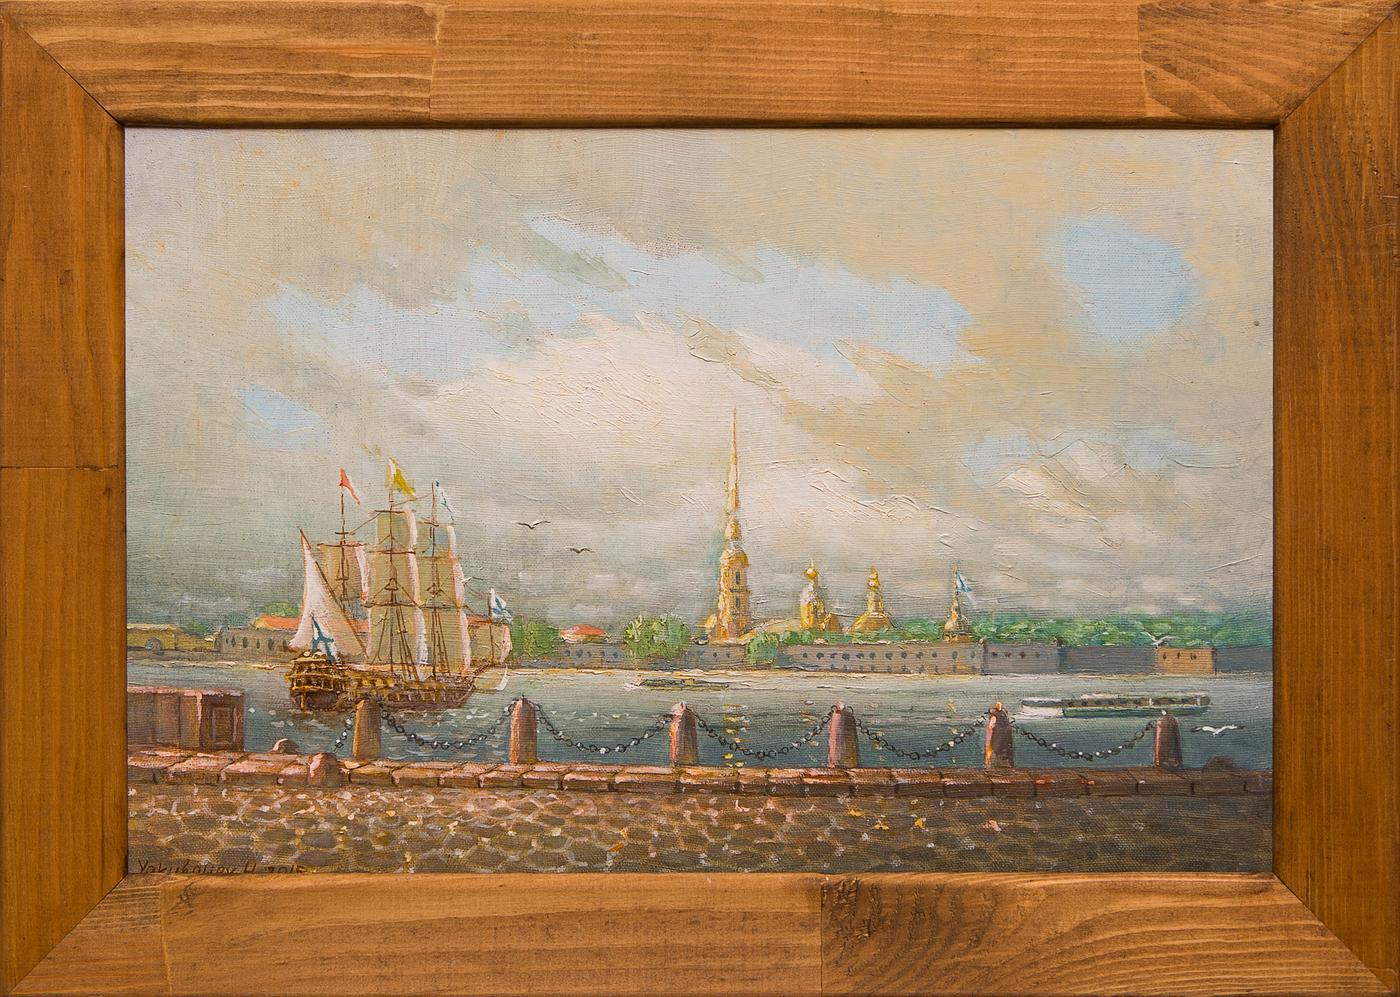 Картина маслом Петропавловка Якубалиев картина маслом петропавловка клеверов